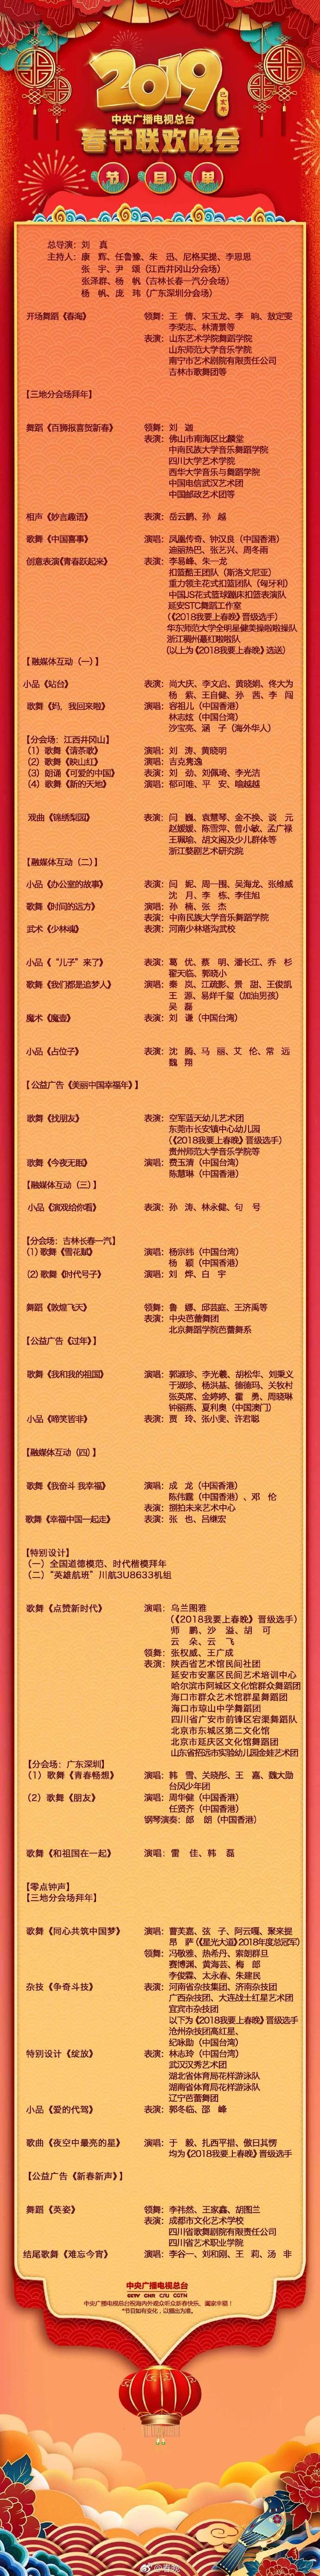 央视春晚节目单公布